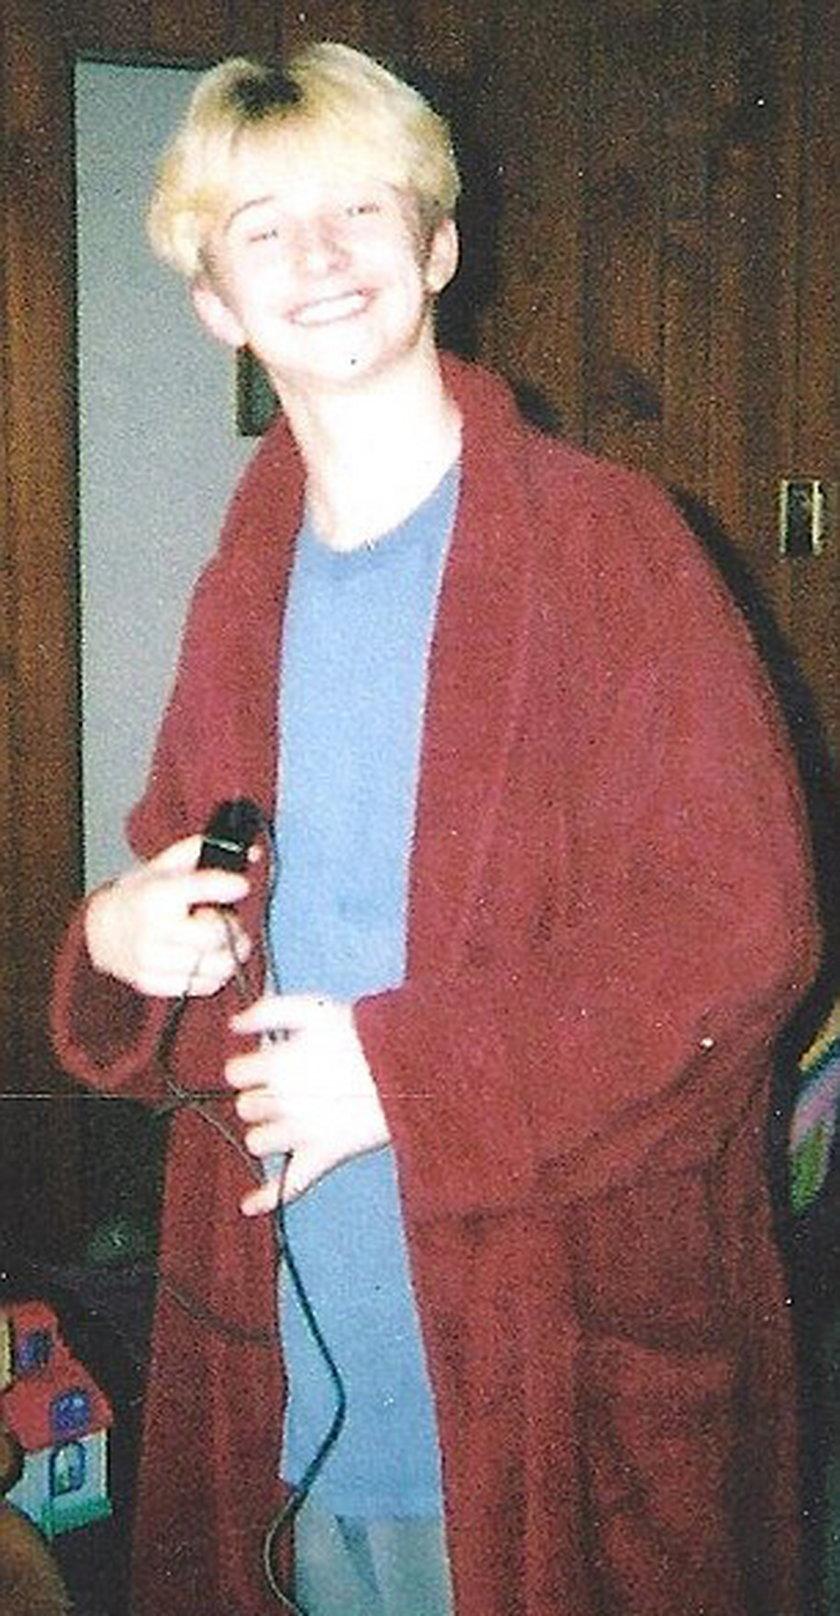 Zmumifikowane ciało 18-latka w kominie